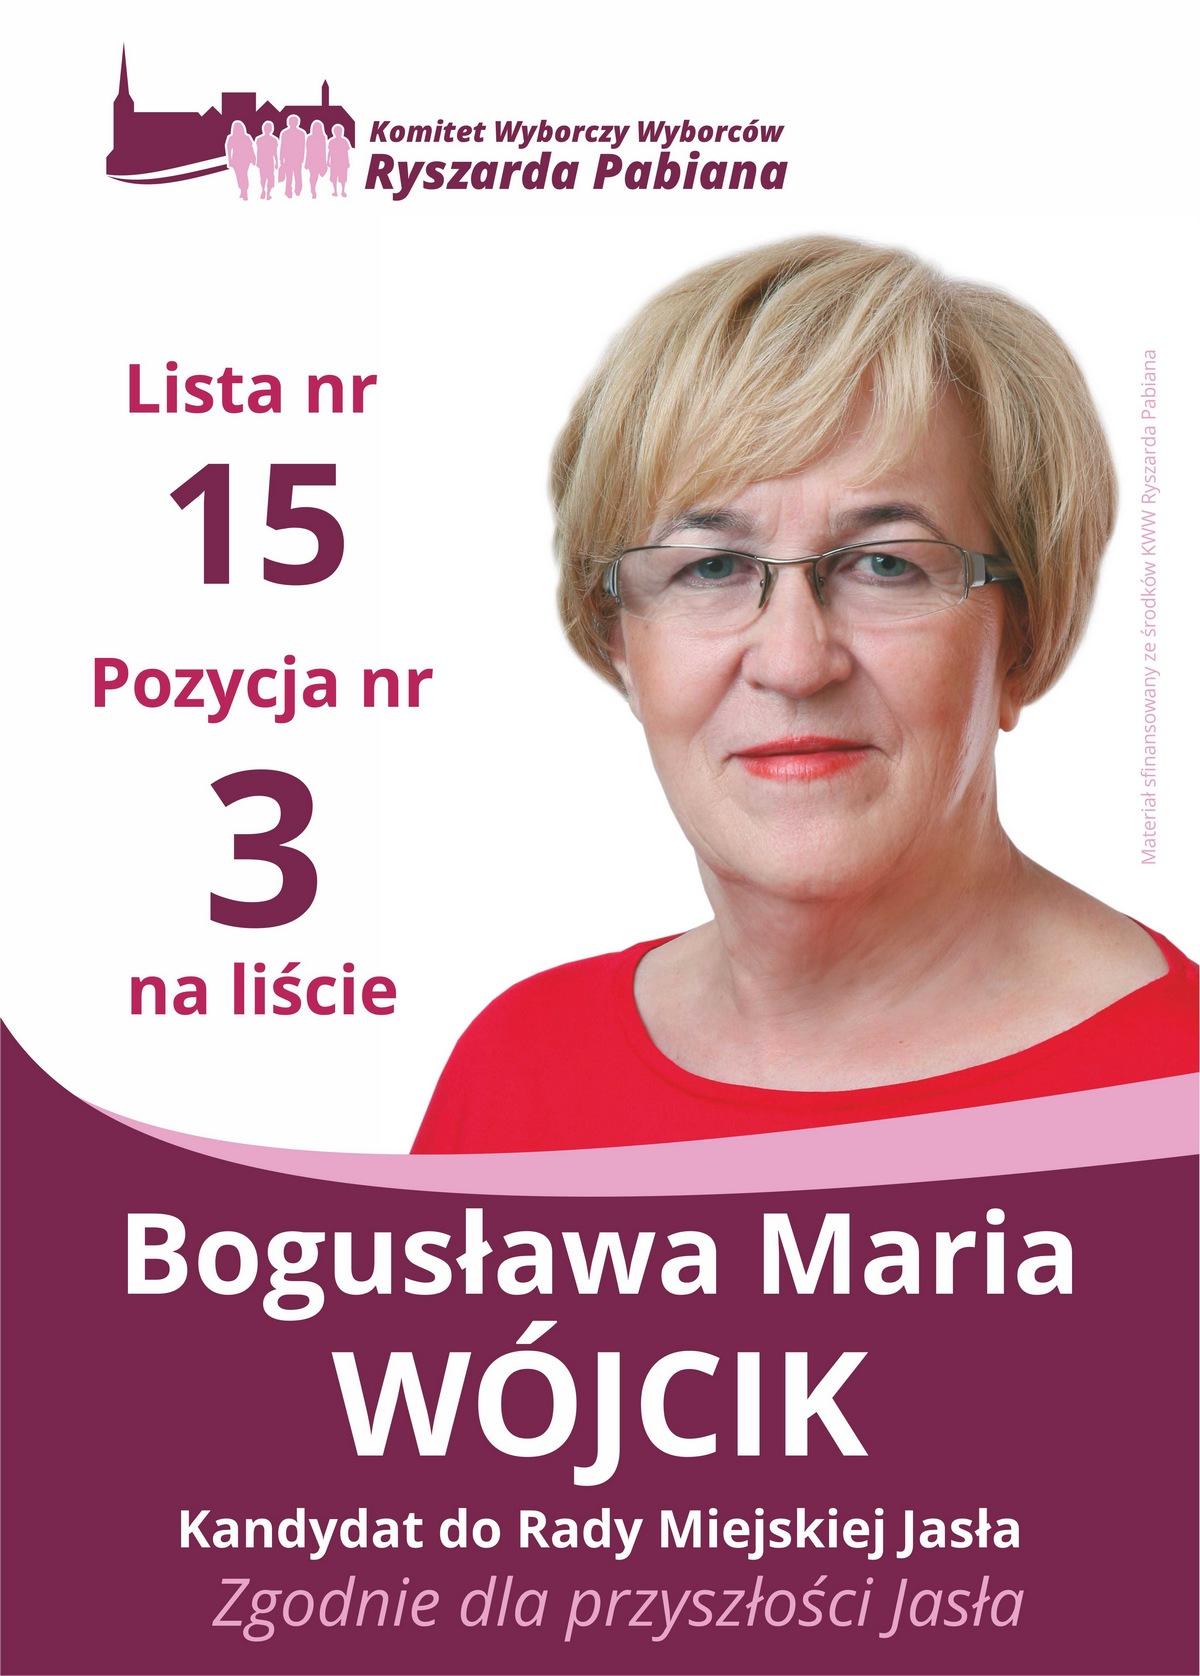 Bogusława Wójcik